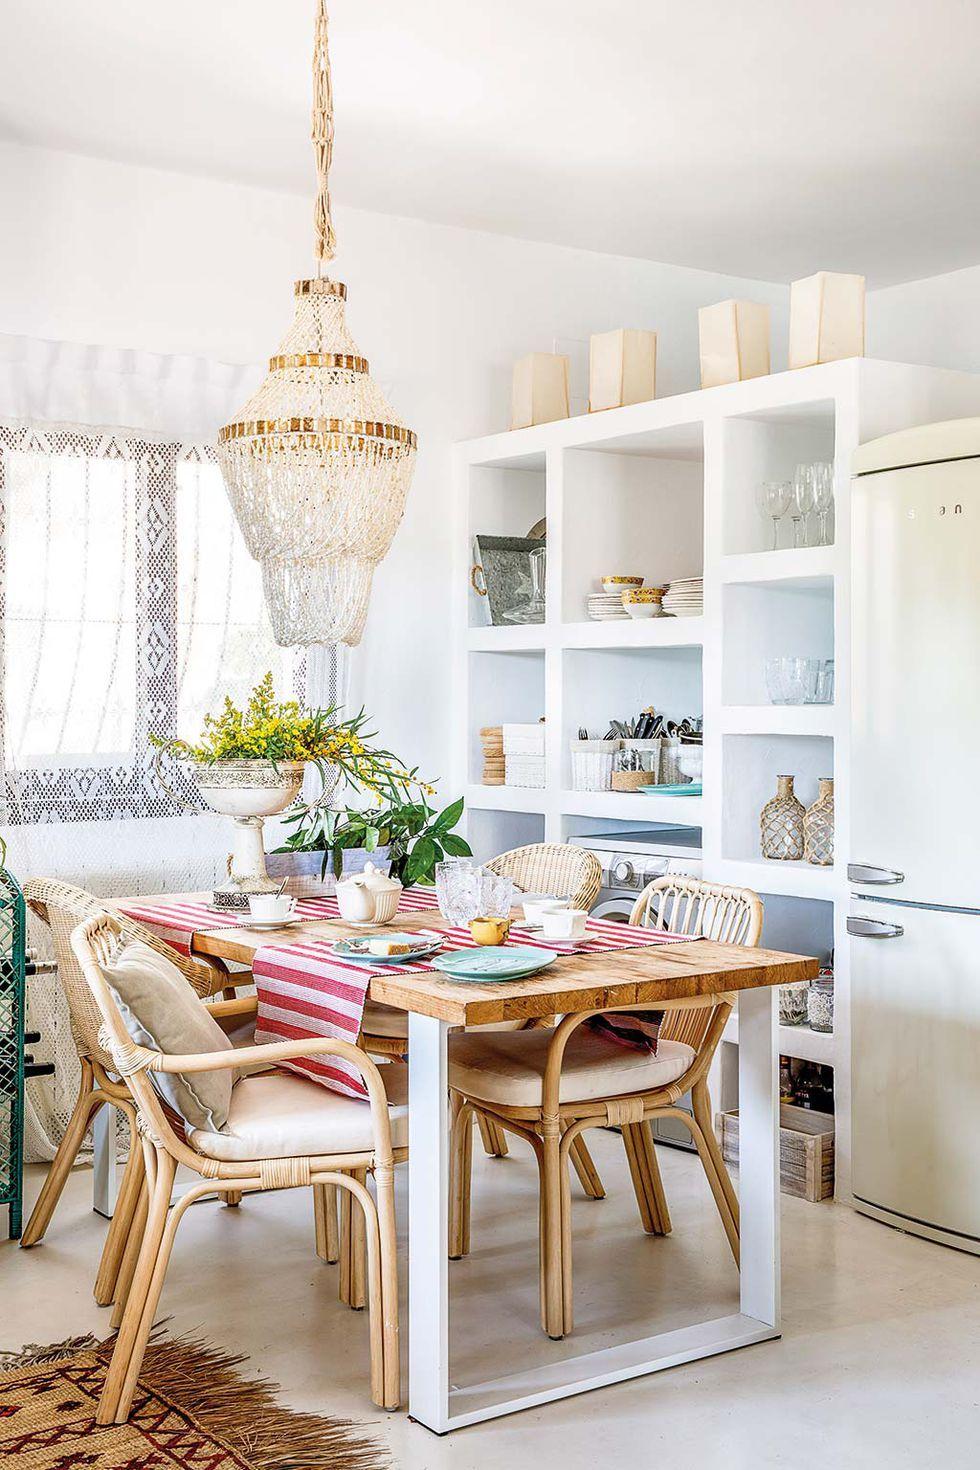 Design Frais Et Colore Pour Une Maison Espagnole Entouree De Vegetation Planete Deco A Homes World Maison Espagnole Maison Design